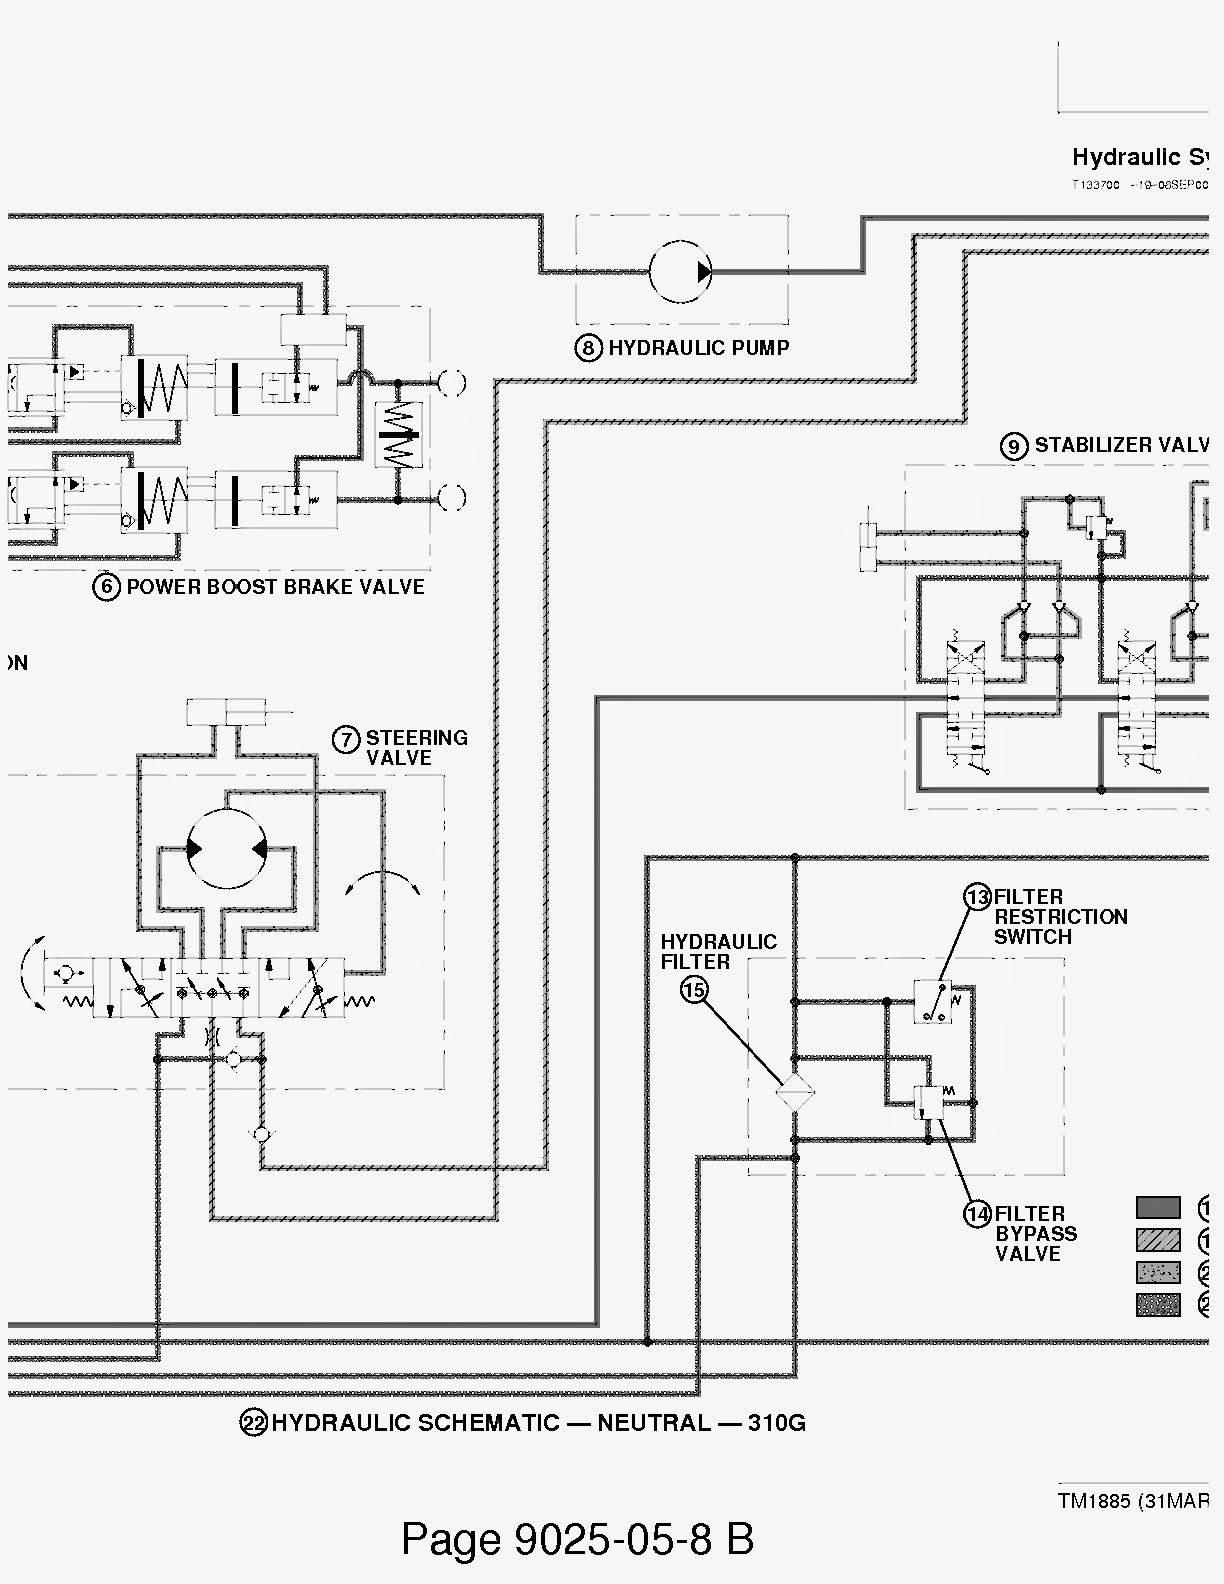 28+ [ Stx38 Wiring Diagram Pdf ] | stx38 wiring schematic ... John Deere Stx Pto Switch Wiring Diagram on john deere ignition switch wiring diagram, john deere seat switch wiring diagram, john deere lawn tractors parts diagram, john deere l120 pto wiring diagram, john deere tractor wiring diagrams, john deere key switch wiring diagram, john deere pto speed, john deere starter switch wiring diagram,